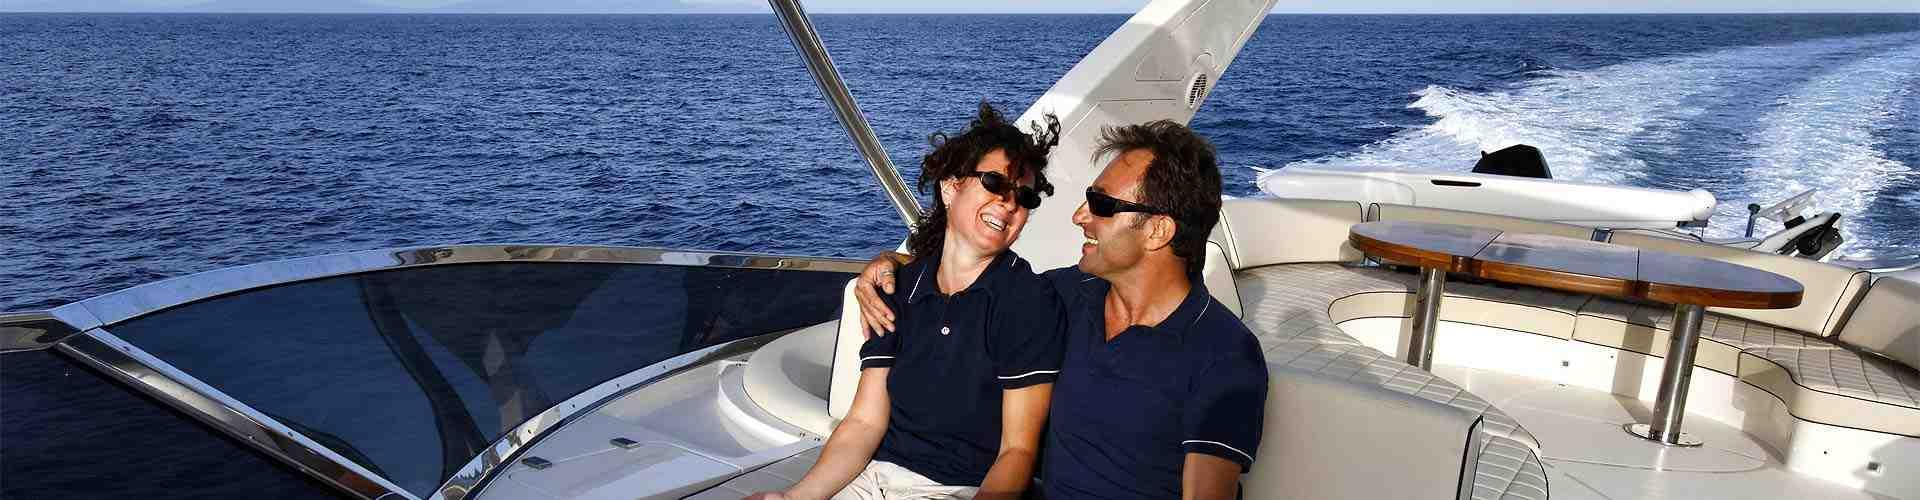 paseos en barco en centrosdeportes de Puerto del Rosario